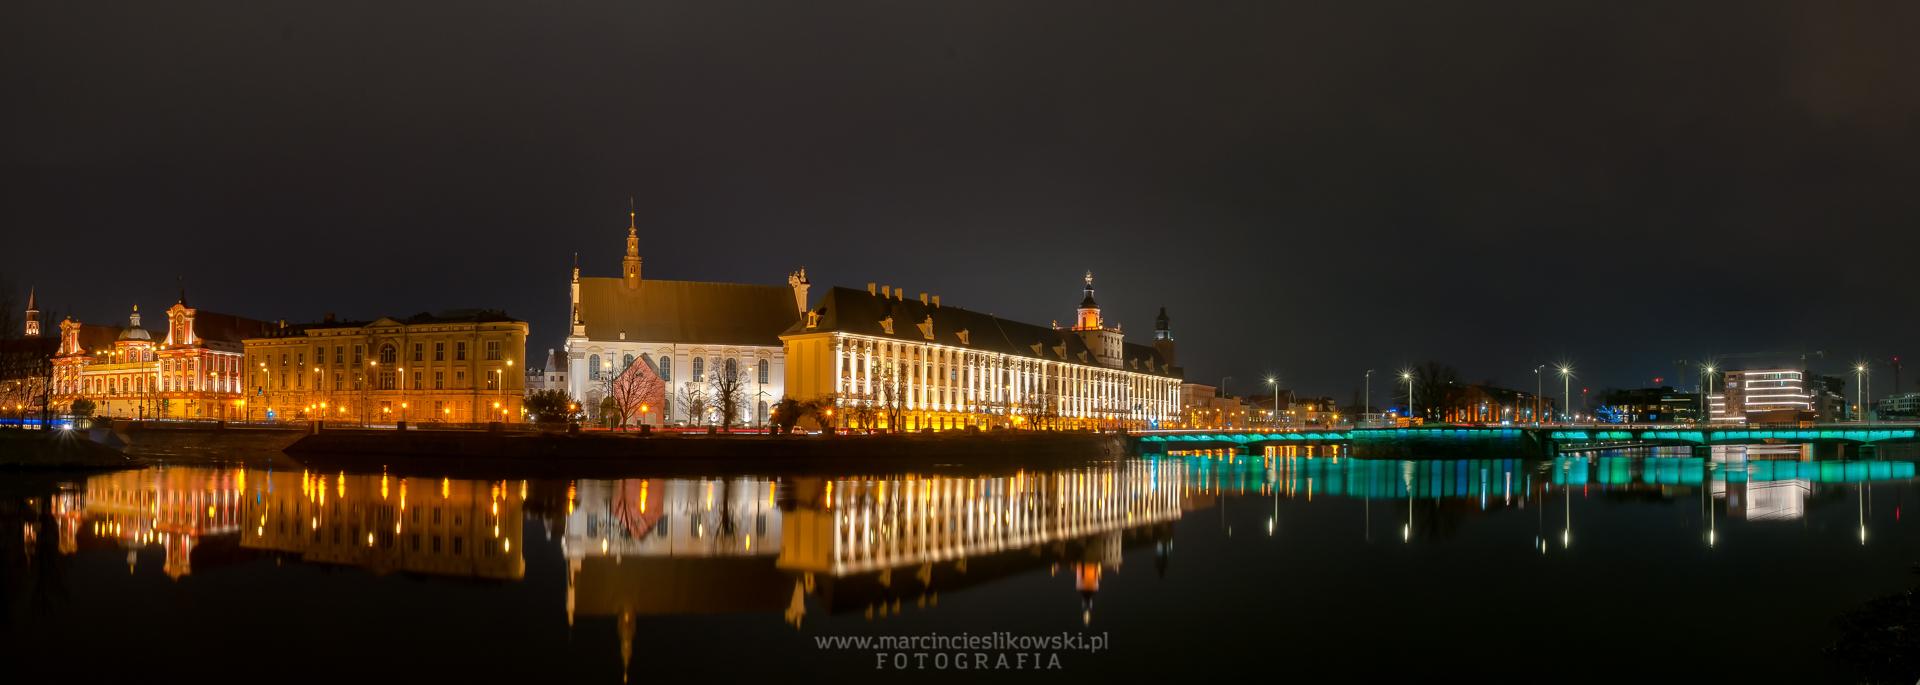 Nocny Wrocław